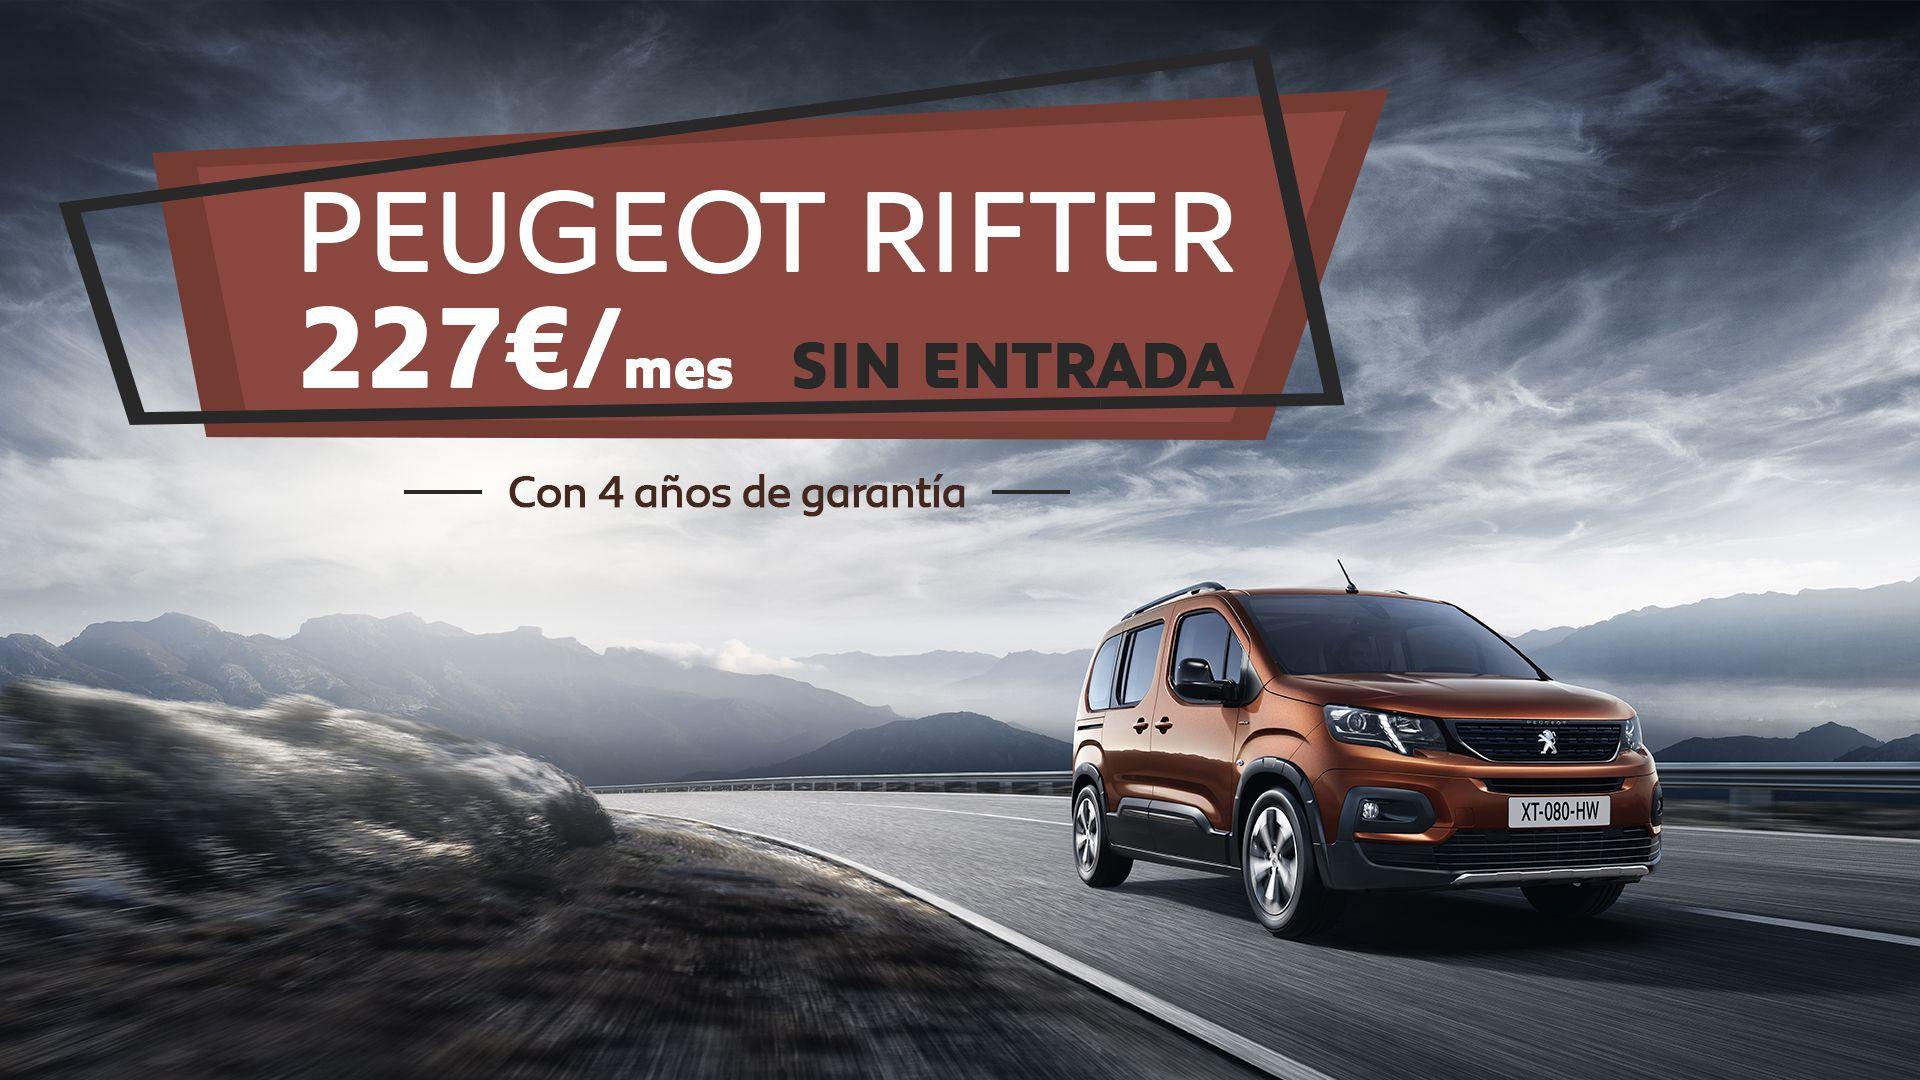 Atrévete a conducir el nuevo Peugeot Rifter por 227€/mes y CUATRO años de garantía